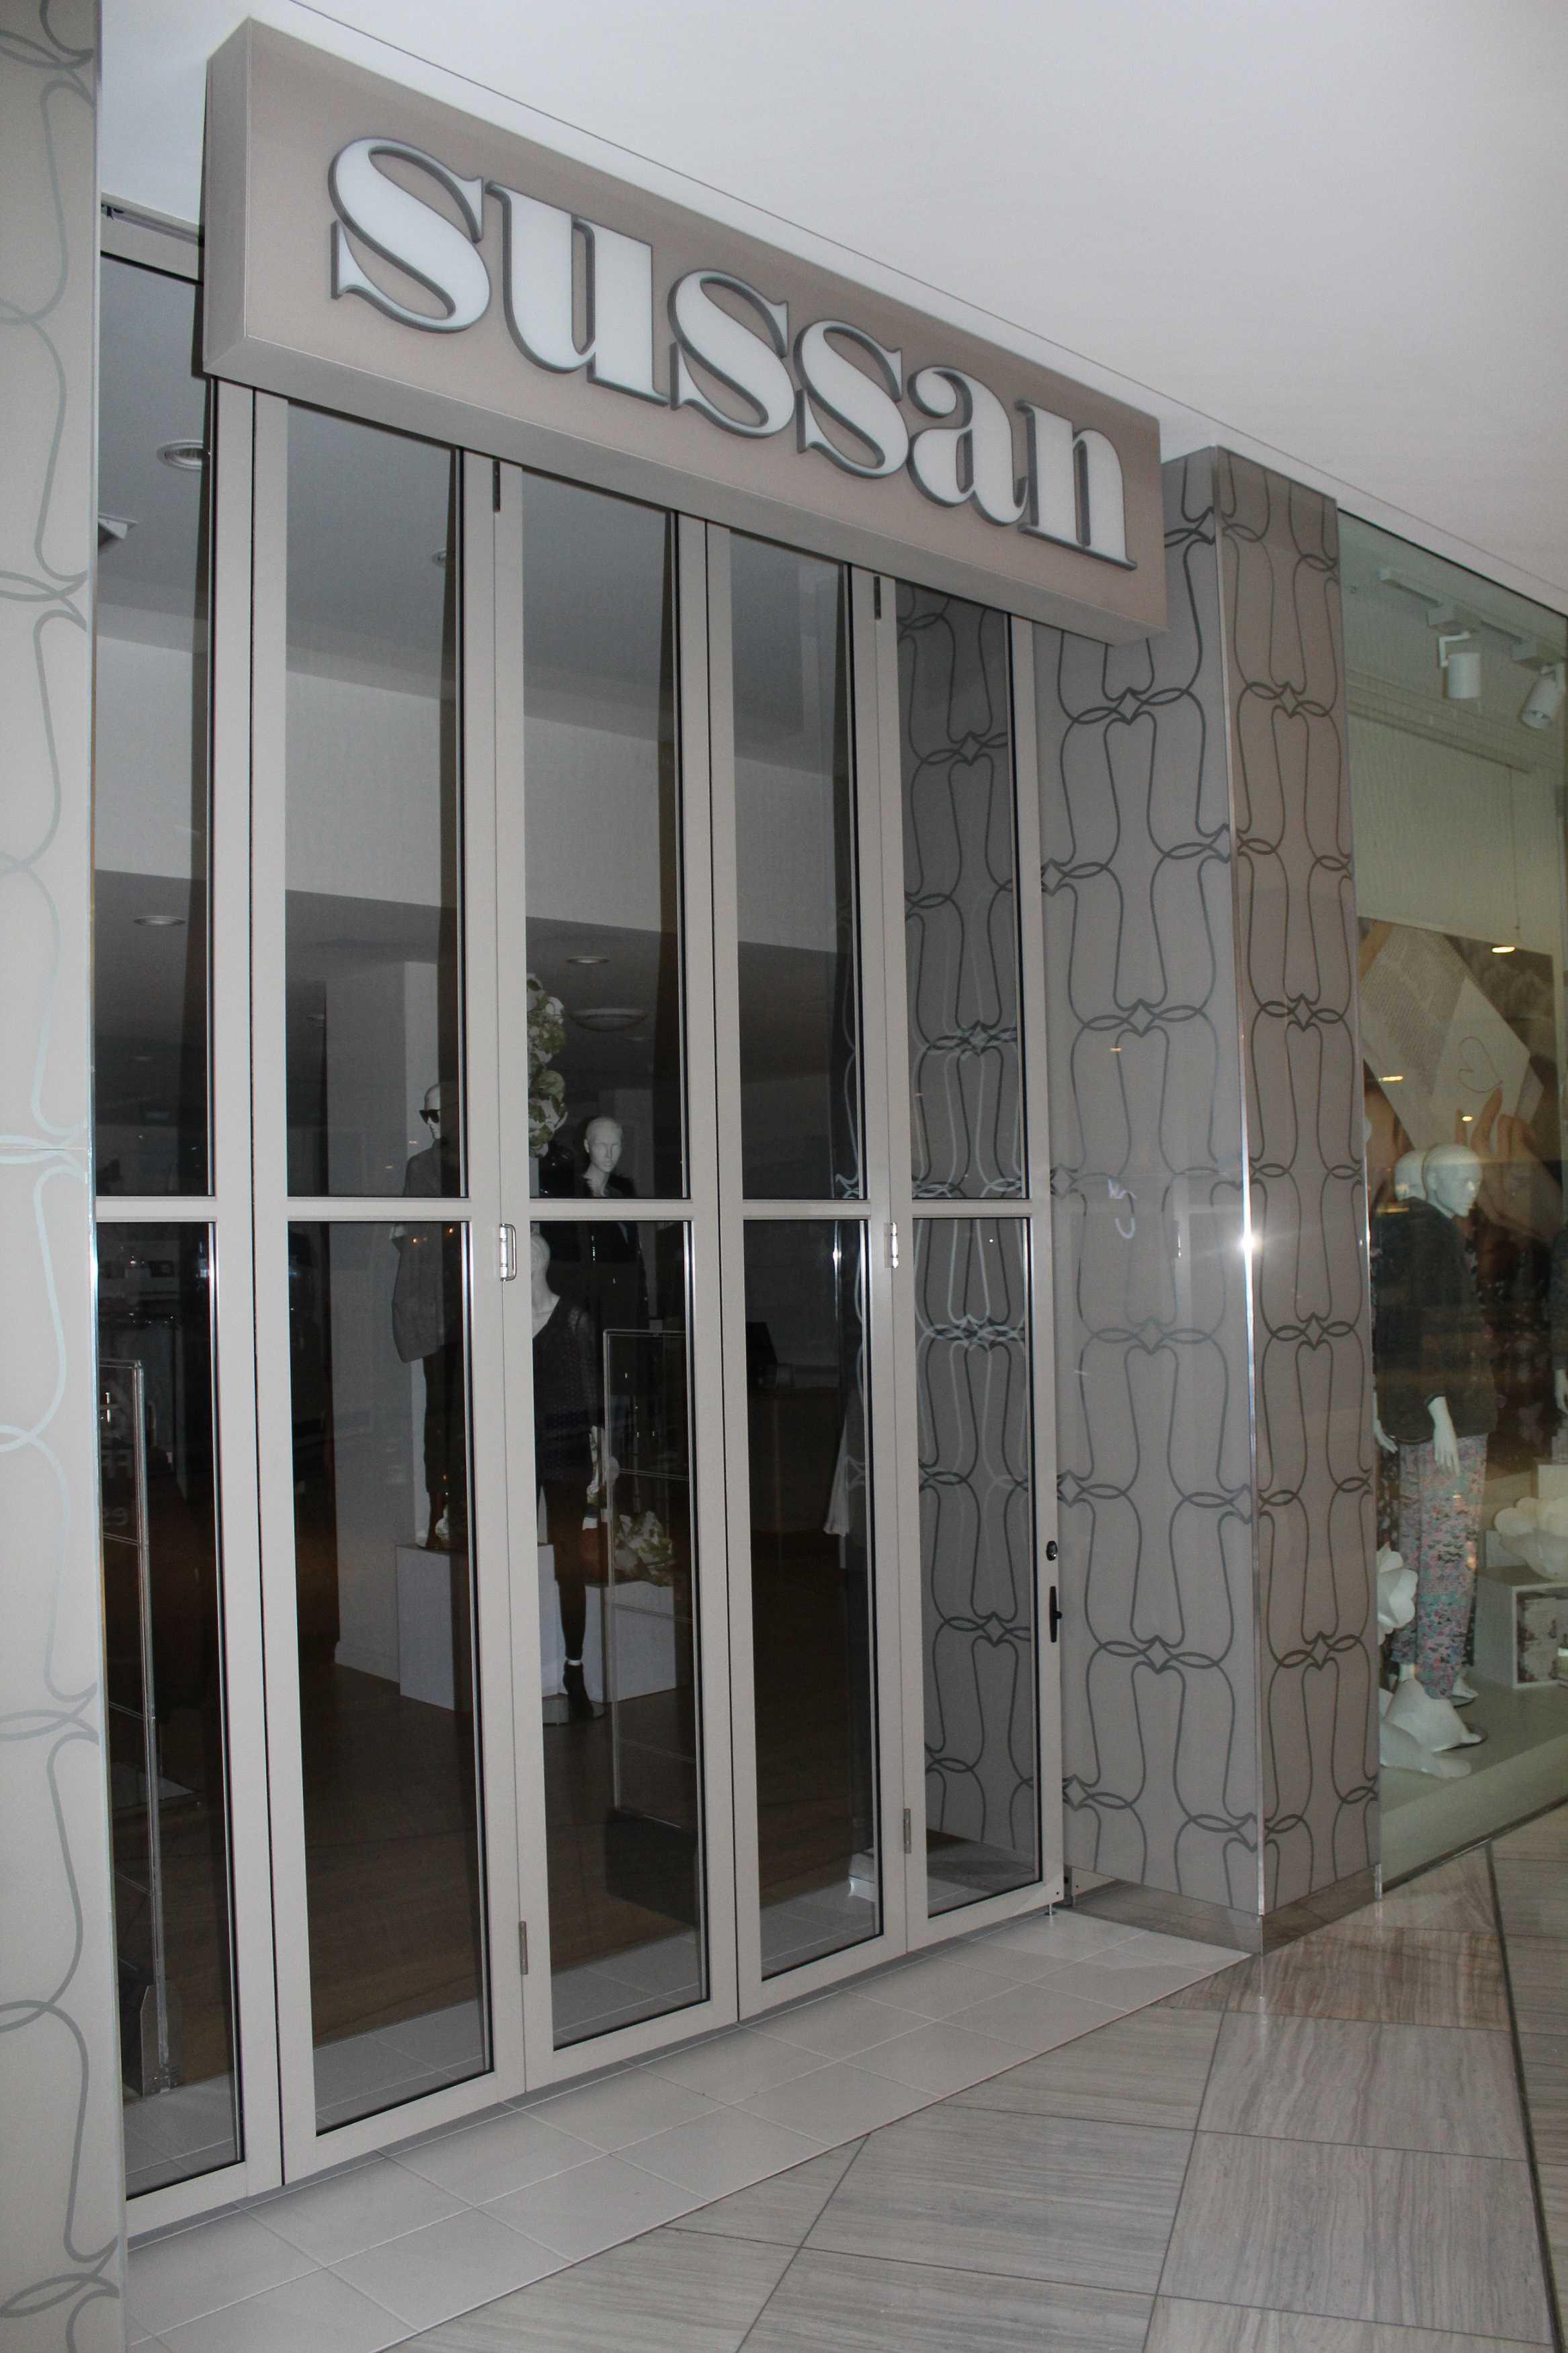 Storefront Windows And Doors clearglide bi-folding door - krgsdoors